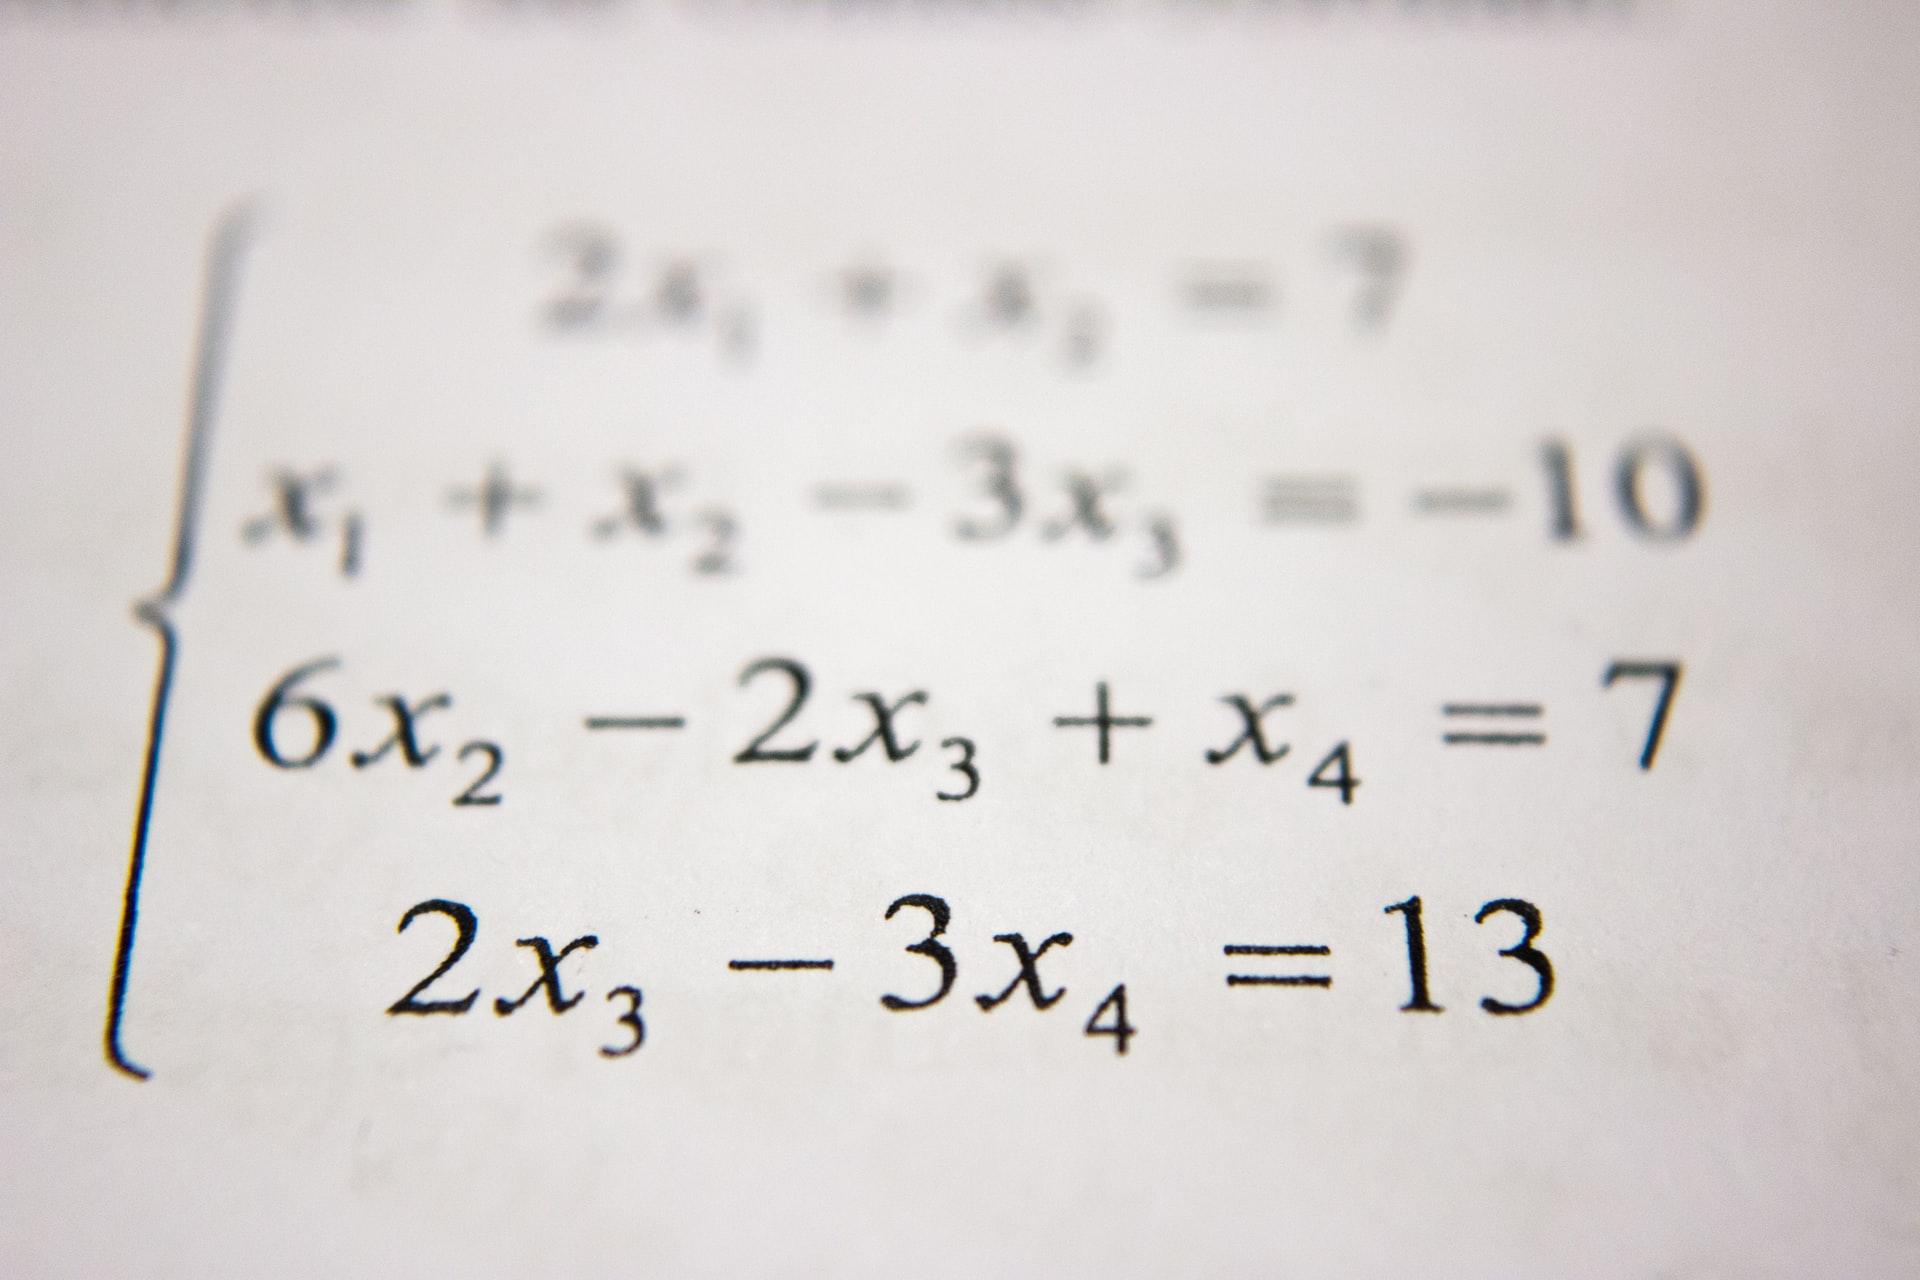 Row of algebra equations comes into focus